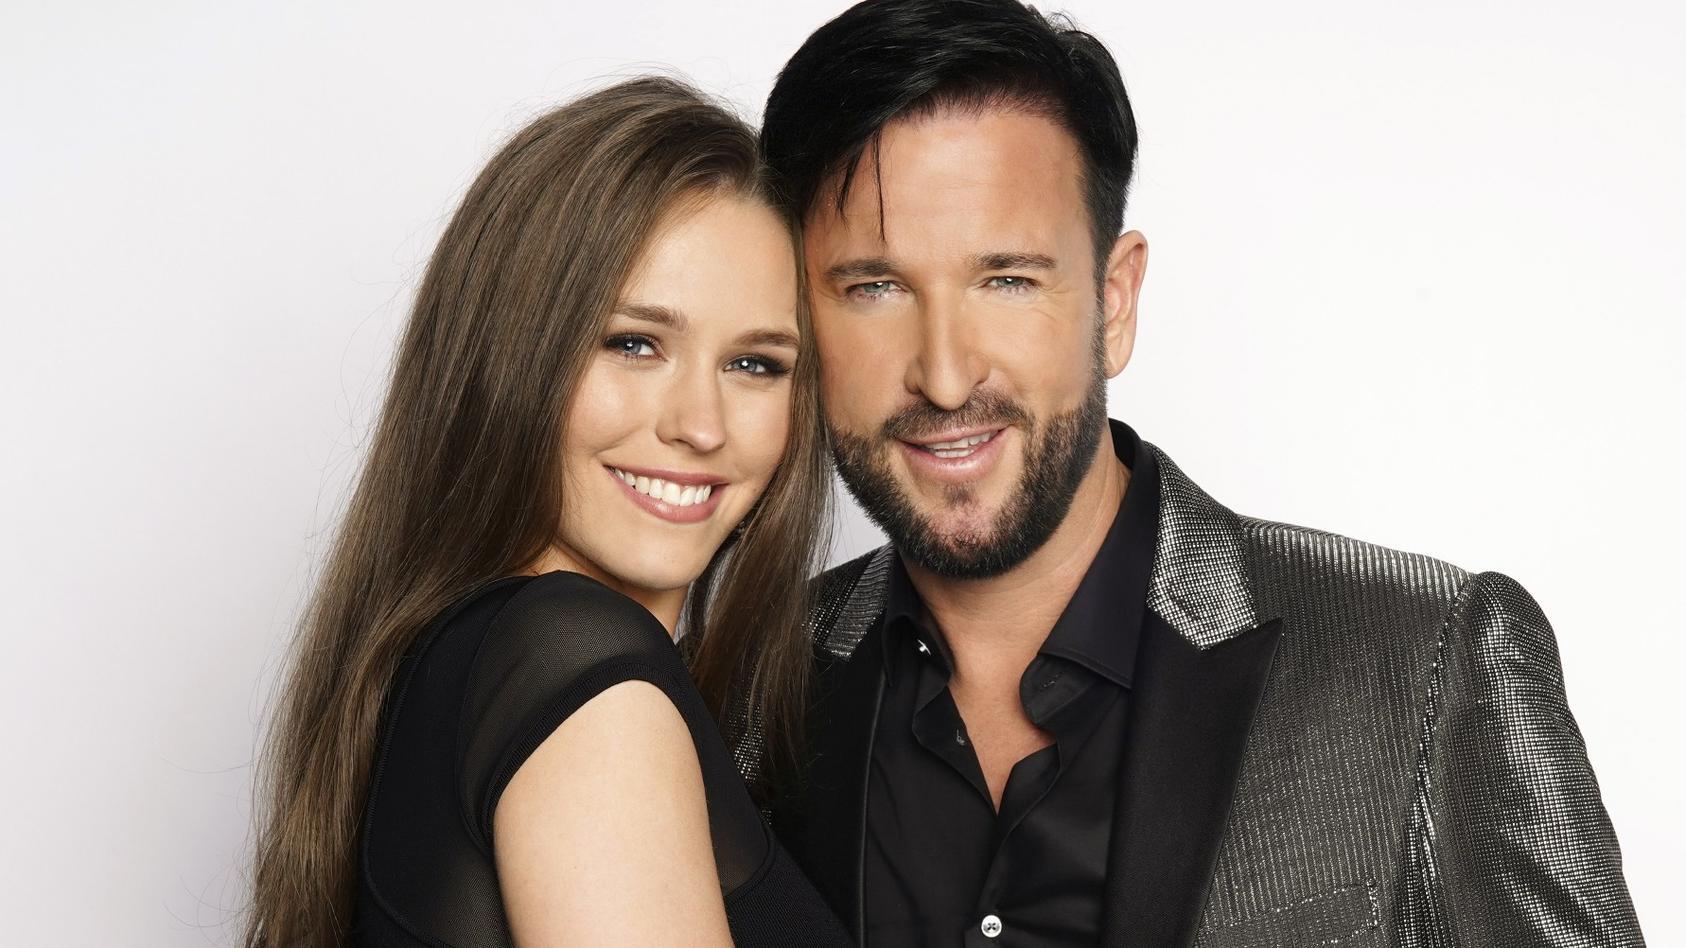 Laura Müller und Michael Wendler mussten ihre Hochzeit auf 2021 verschieben.